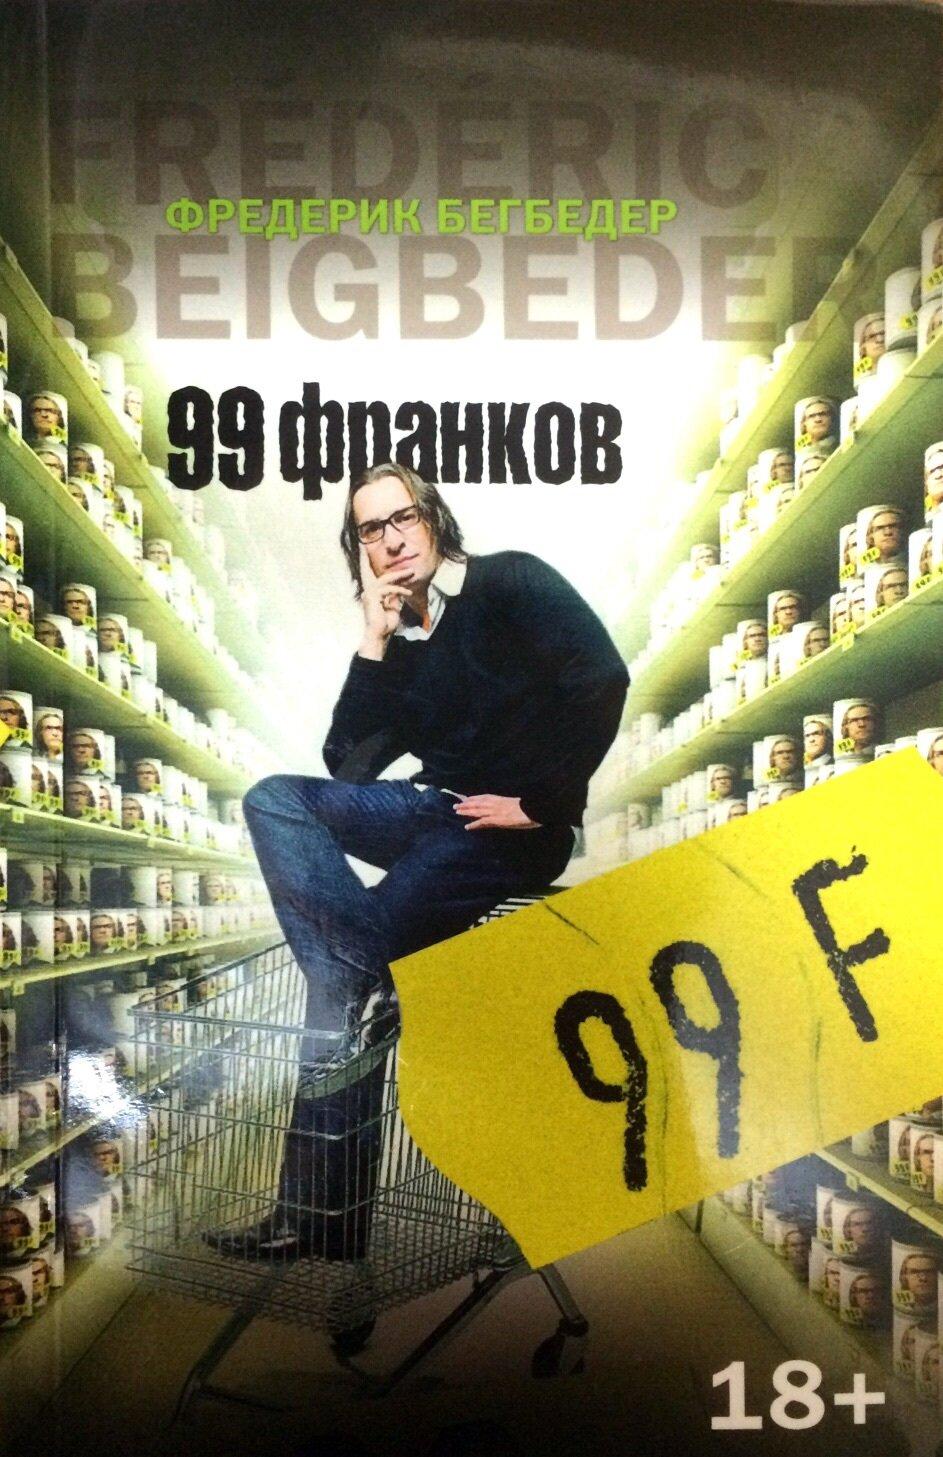 99 франков; Фредерик Бегбедер